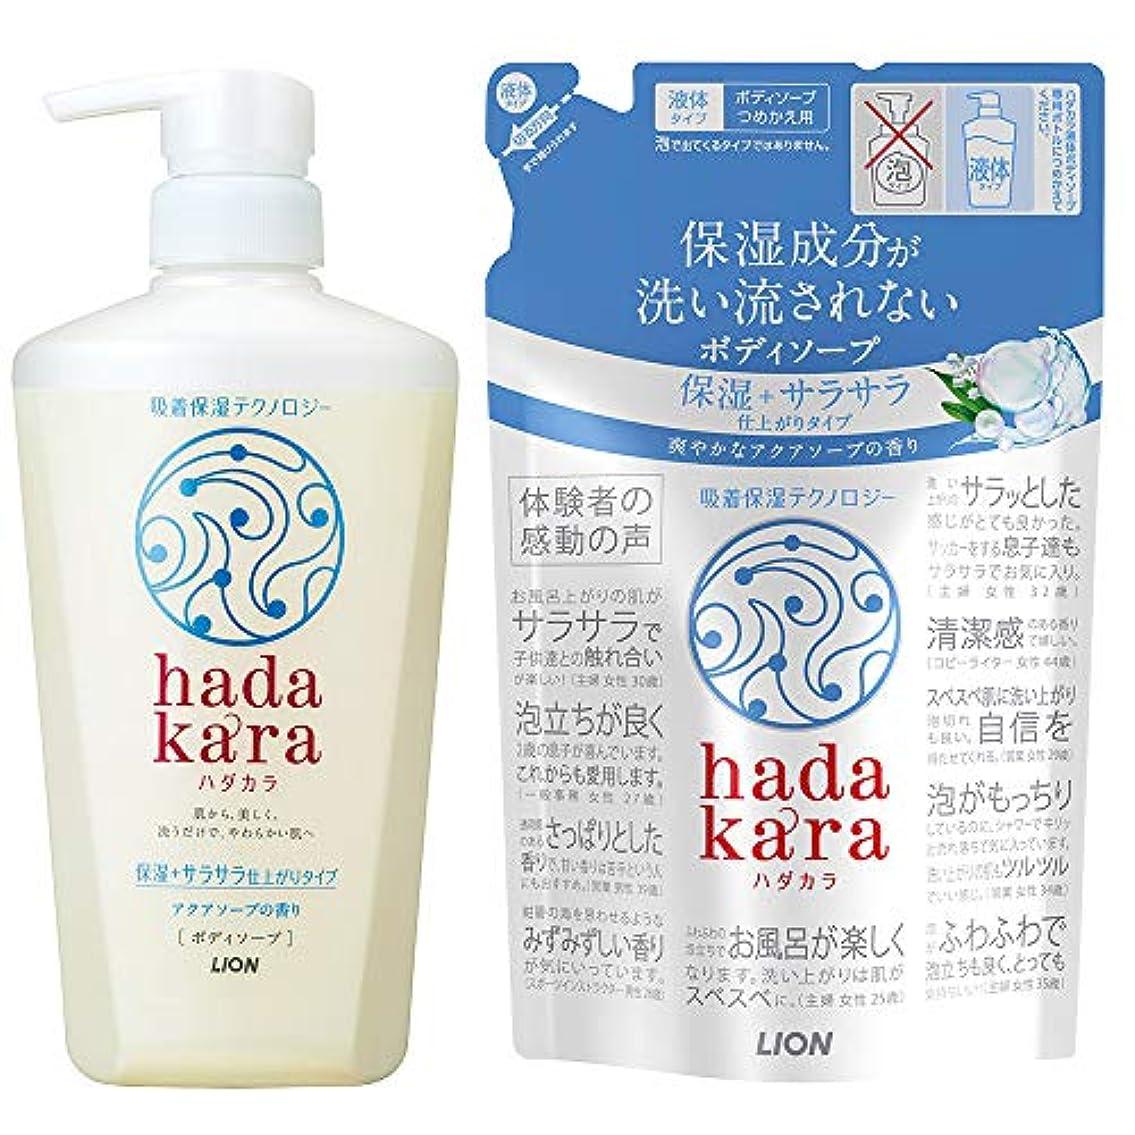 シード写真司教hadakara(ハダカラ) ボディソープ 保湿+サラサラ仕上がりタイプ アクアソープの香り (本体480ml+つめかえ340ml) アクアソープ(保湿+サラサラ仕上がり) +